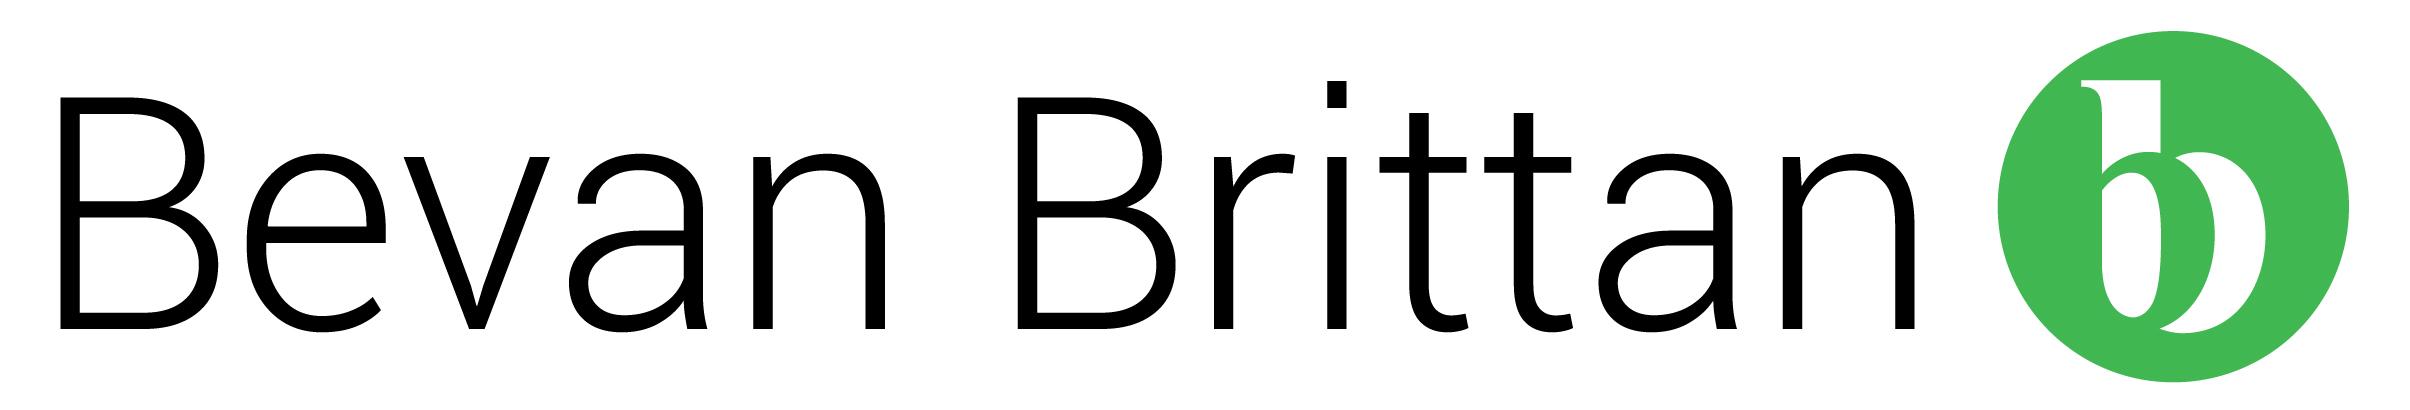 Bevan Brittan LLP logo